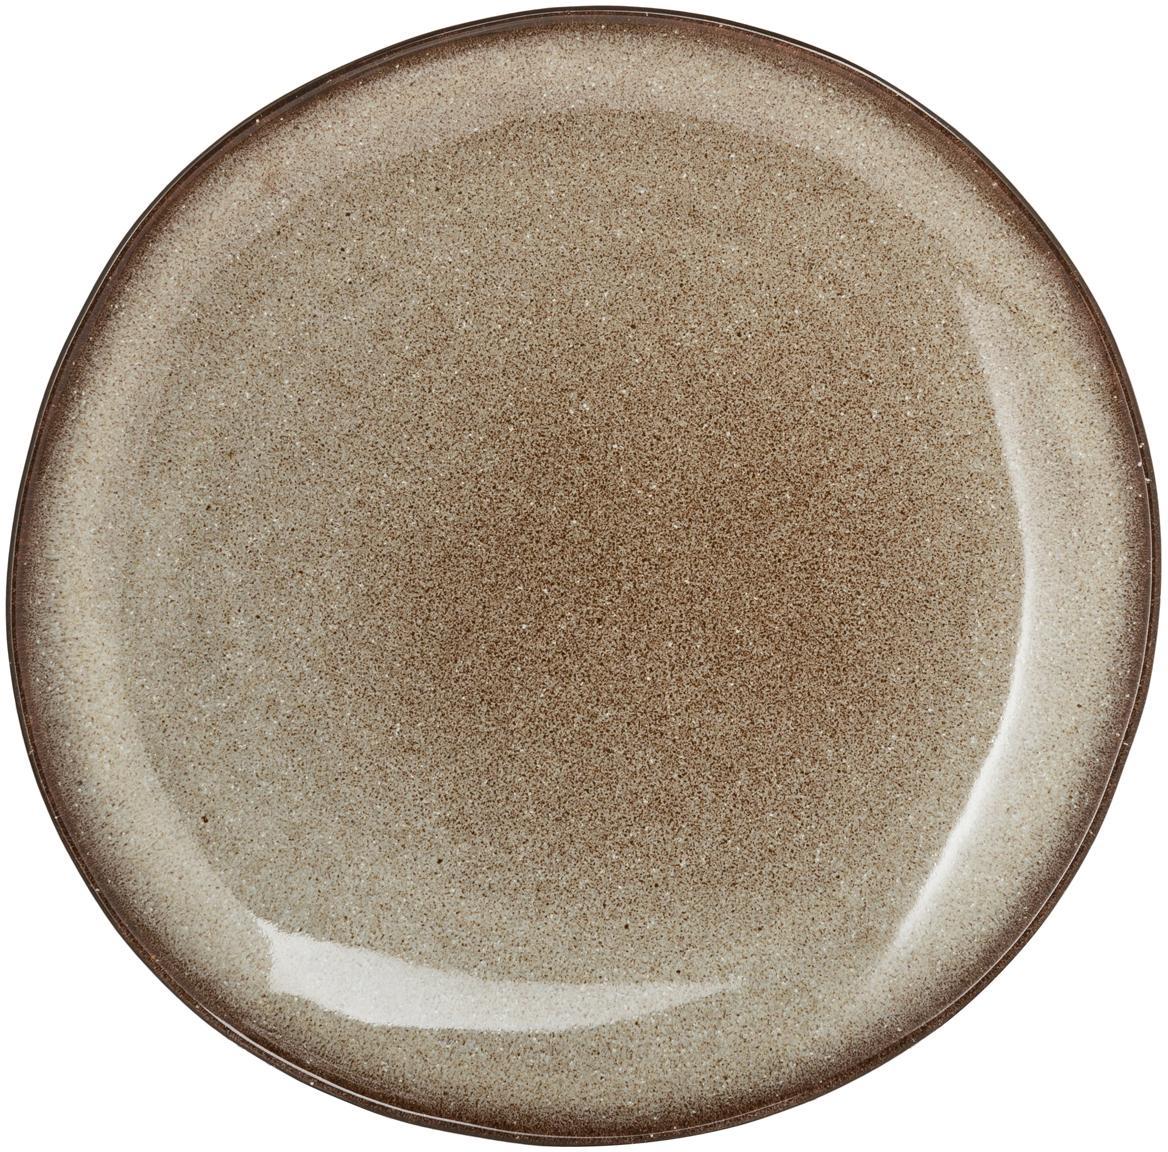 Plato artesanal Sandrine, Gres, Tonos beige, Ø 22 x Al 2 cm